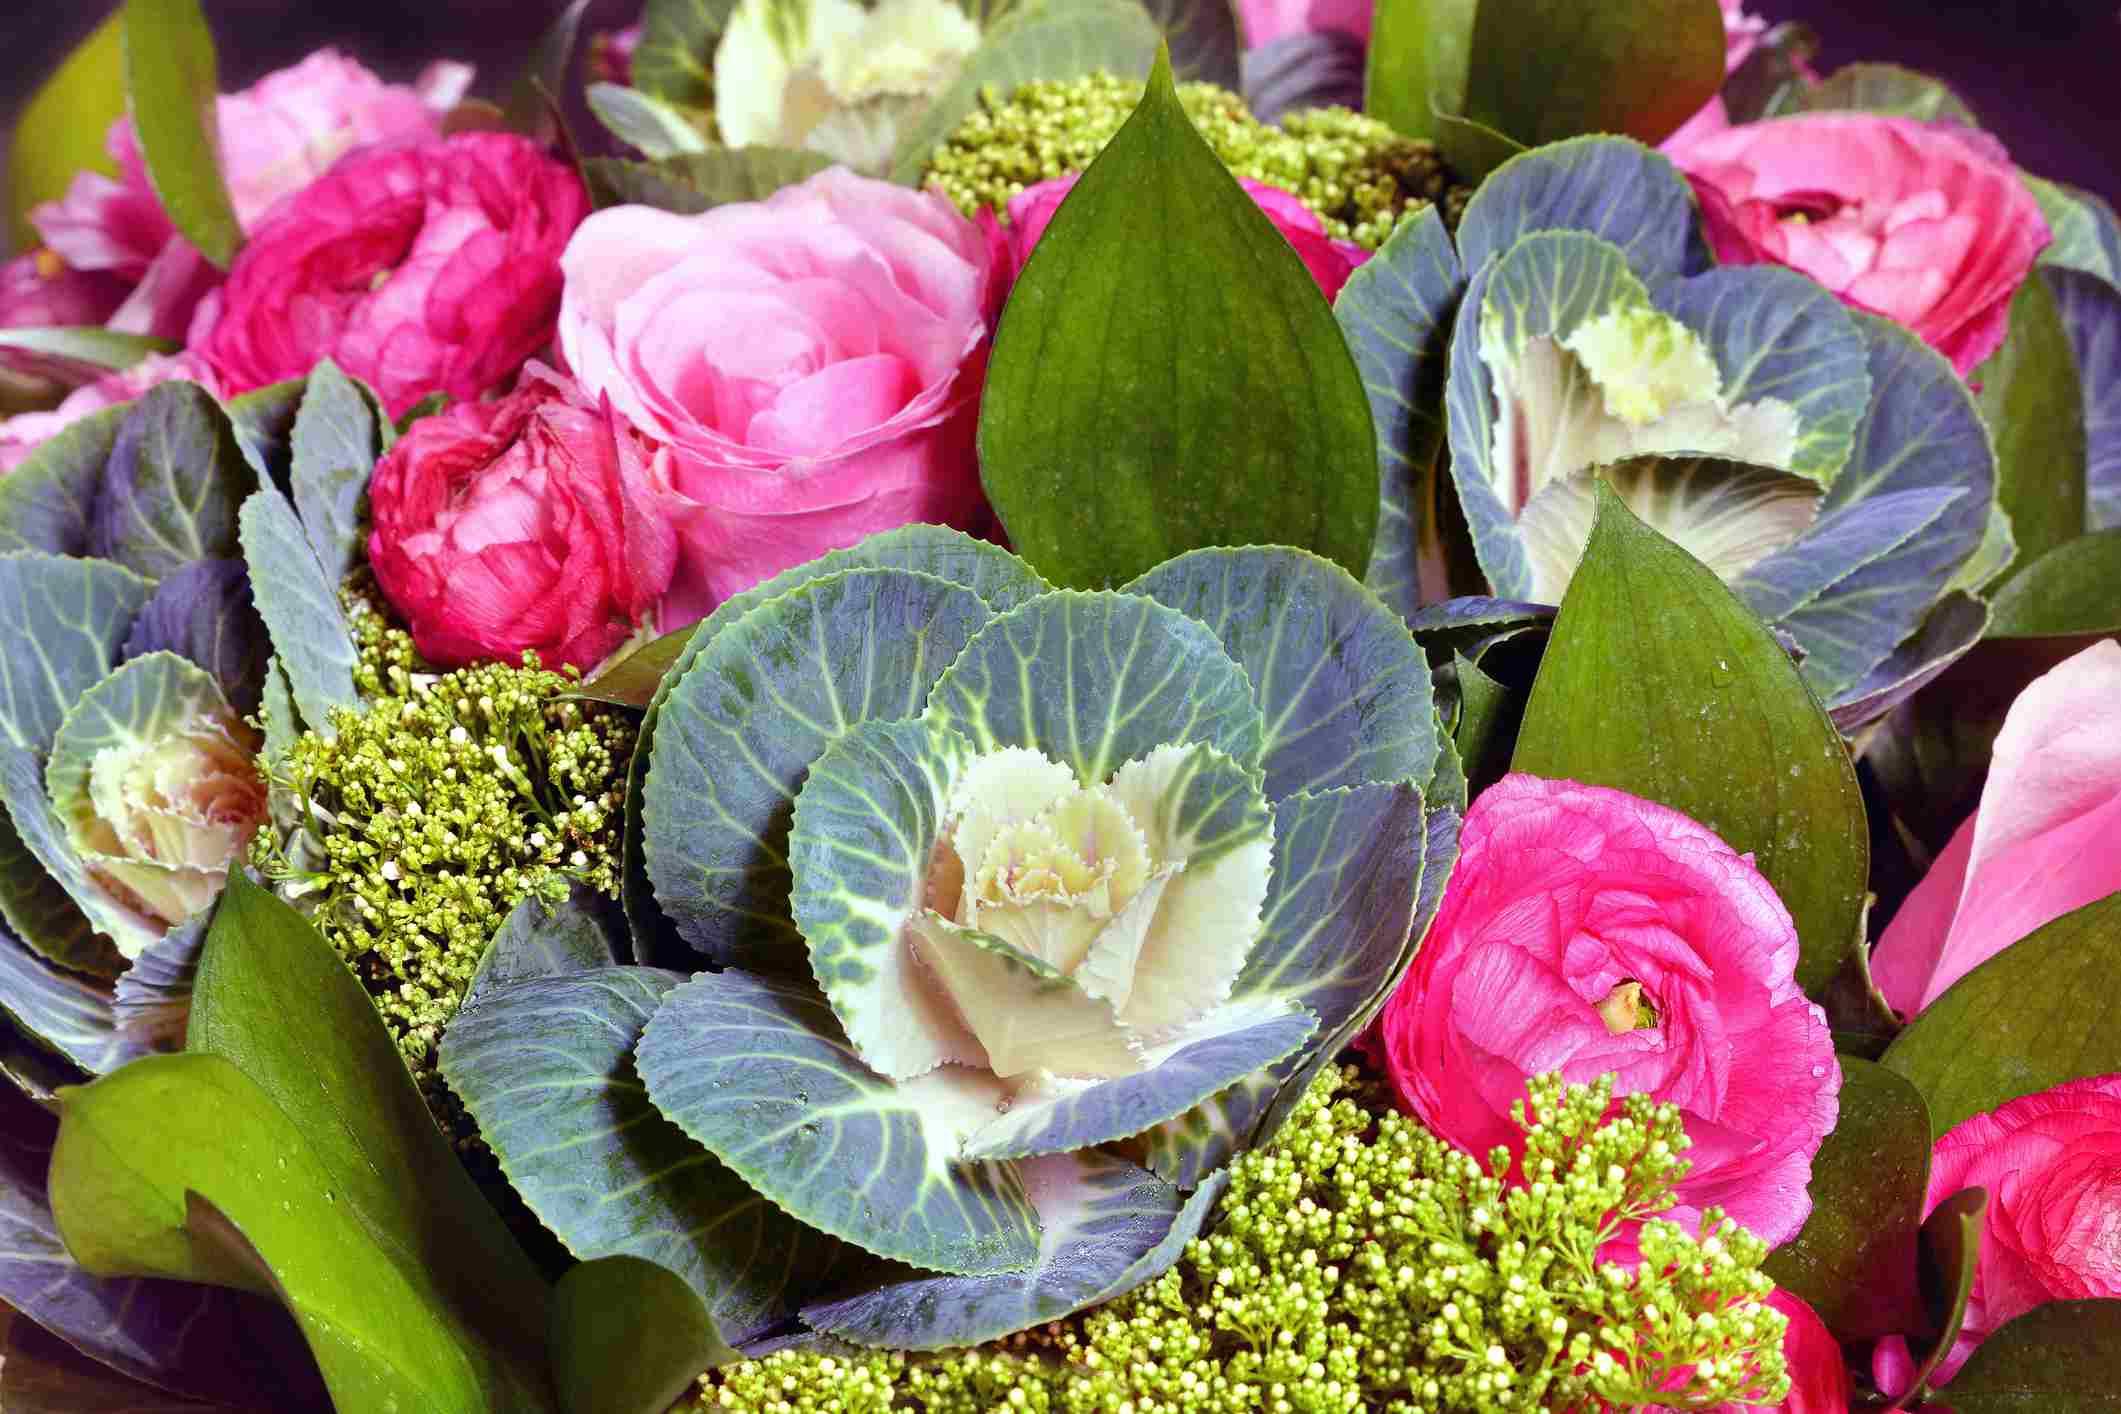 'Condor' cabbage in a flower arrangement